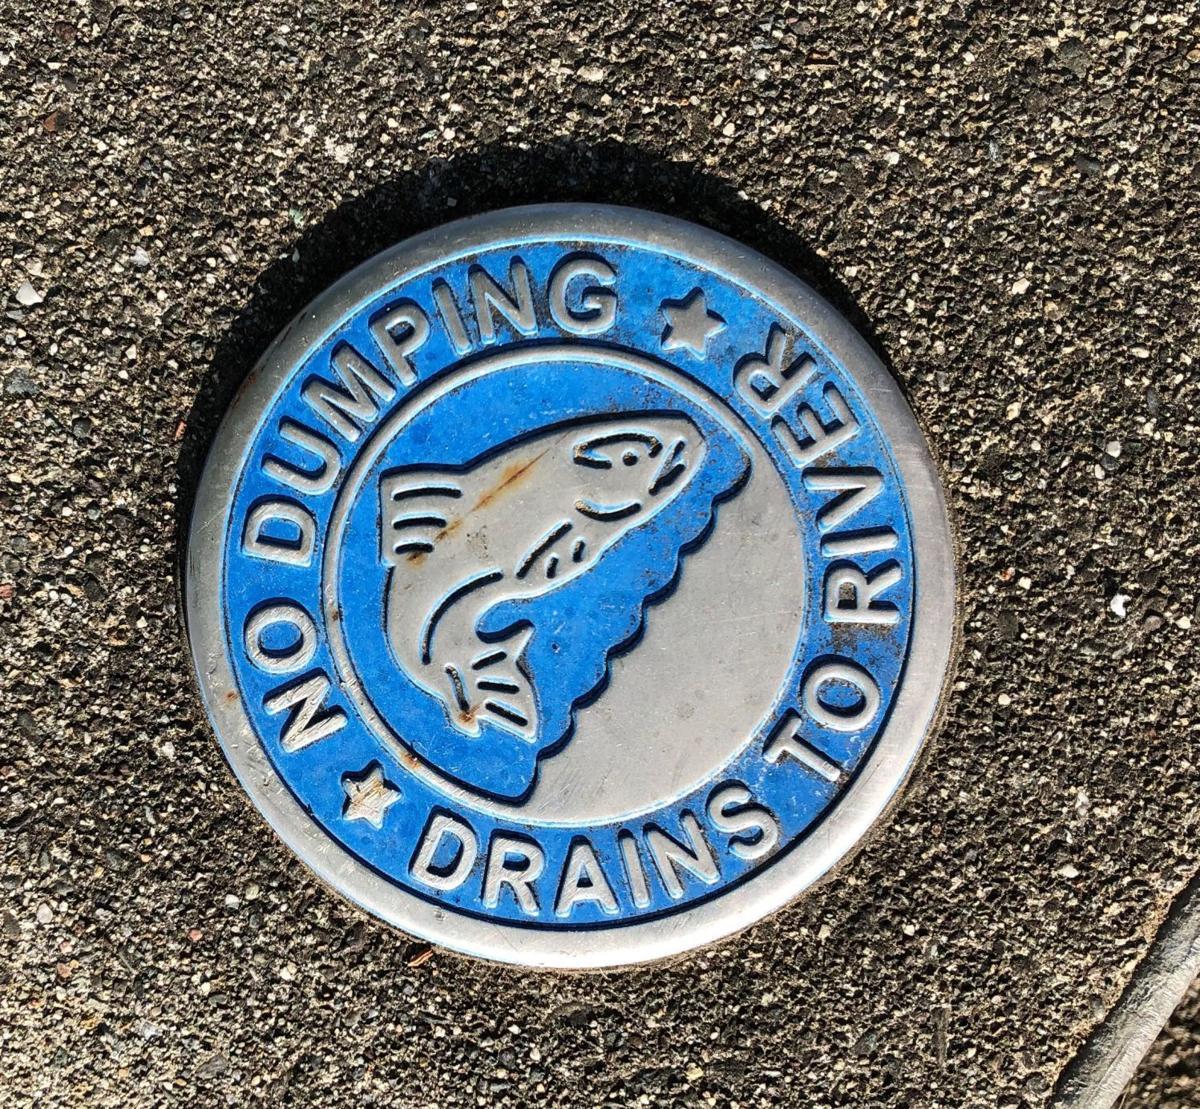 No Dumping medallion